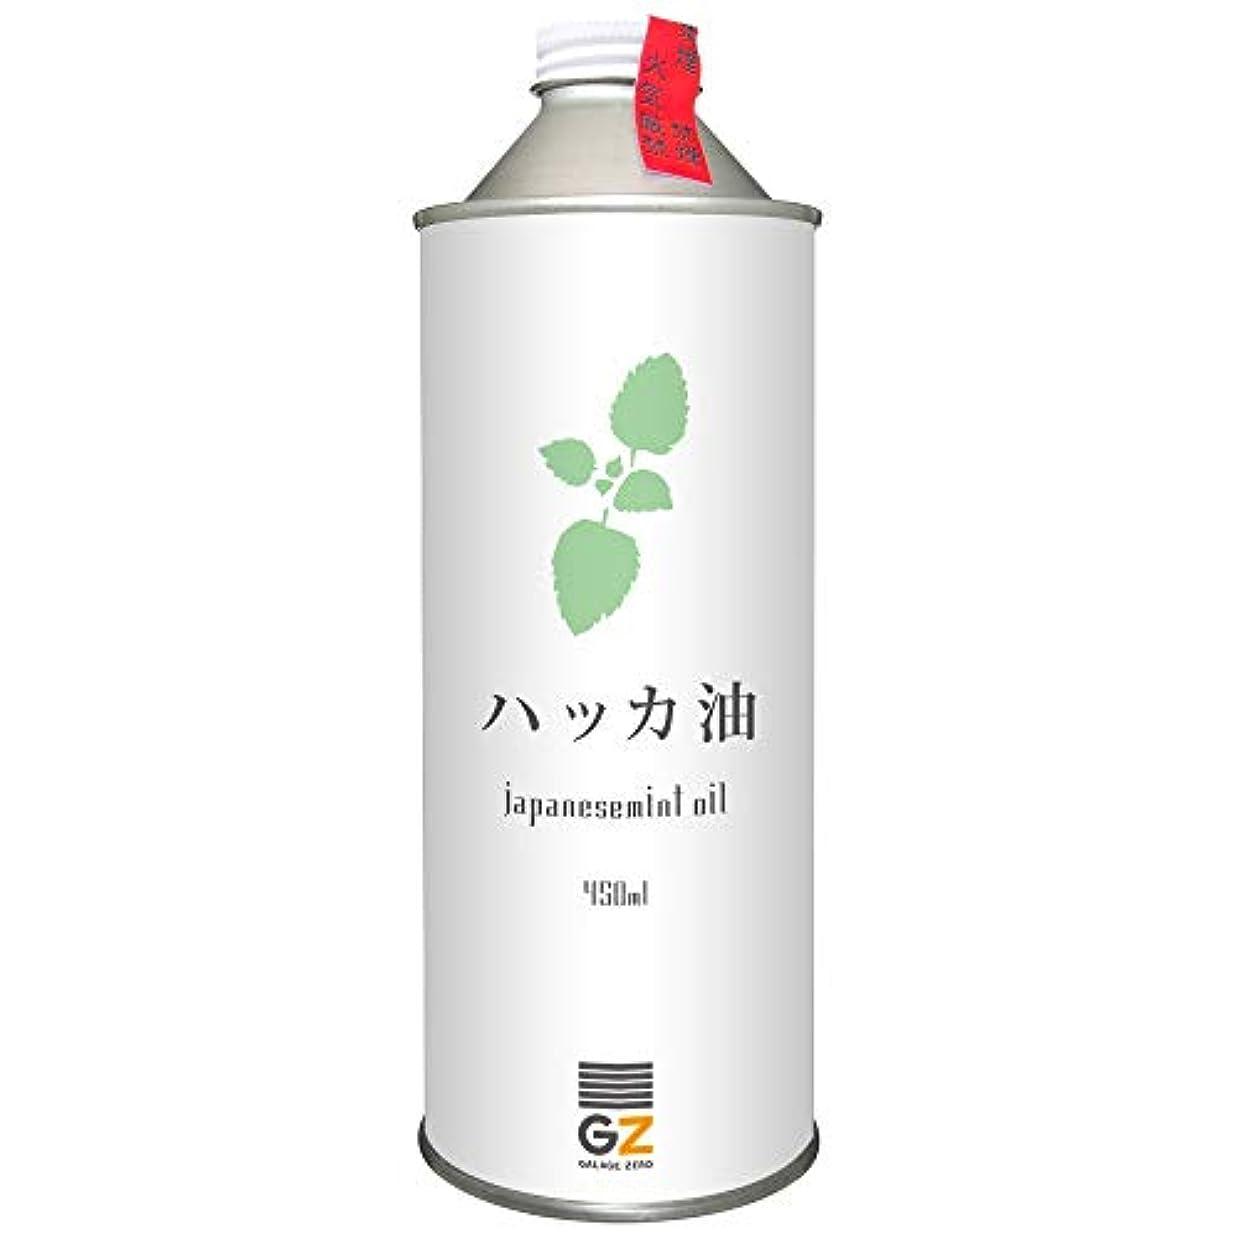 ドリンク空港委任するガレージゼロ ハッカ油 (450ml)